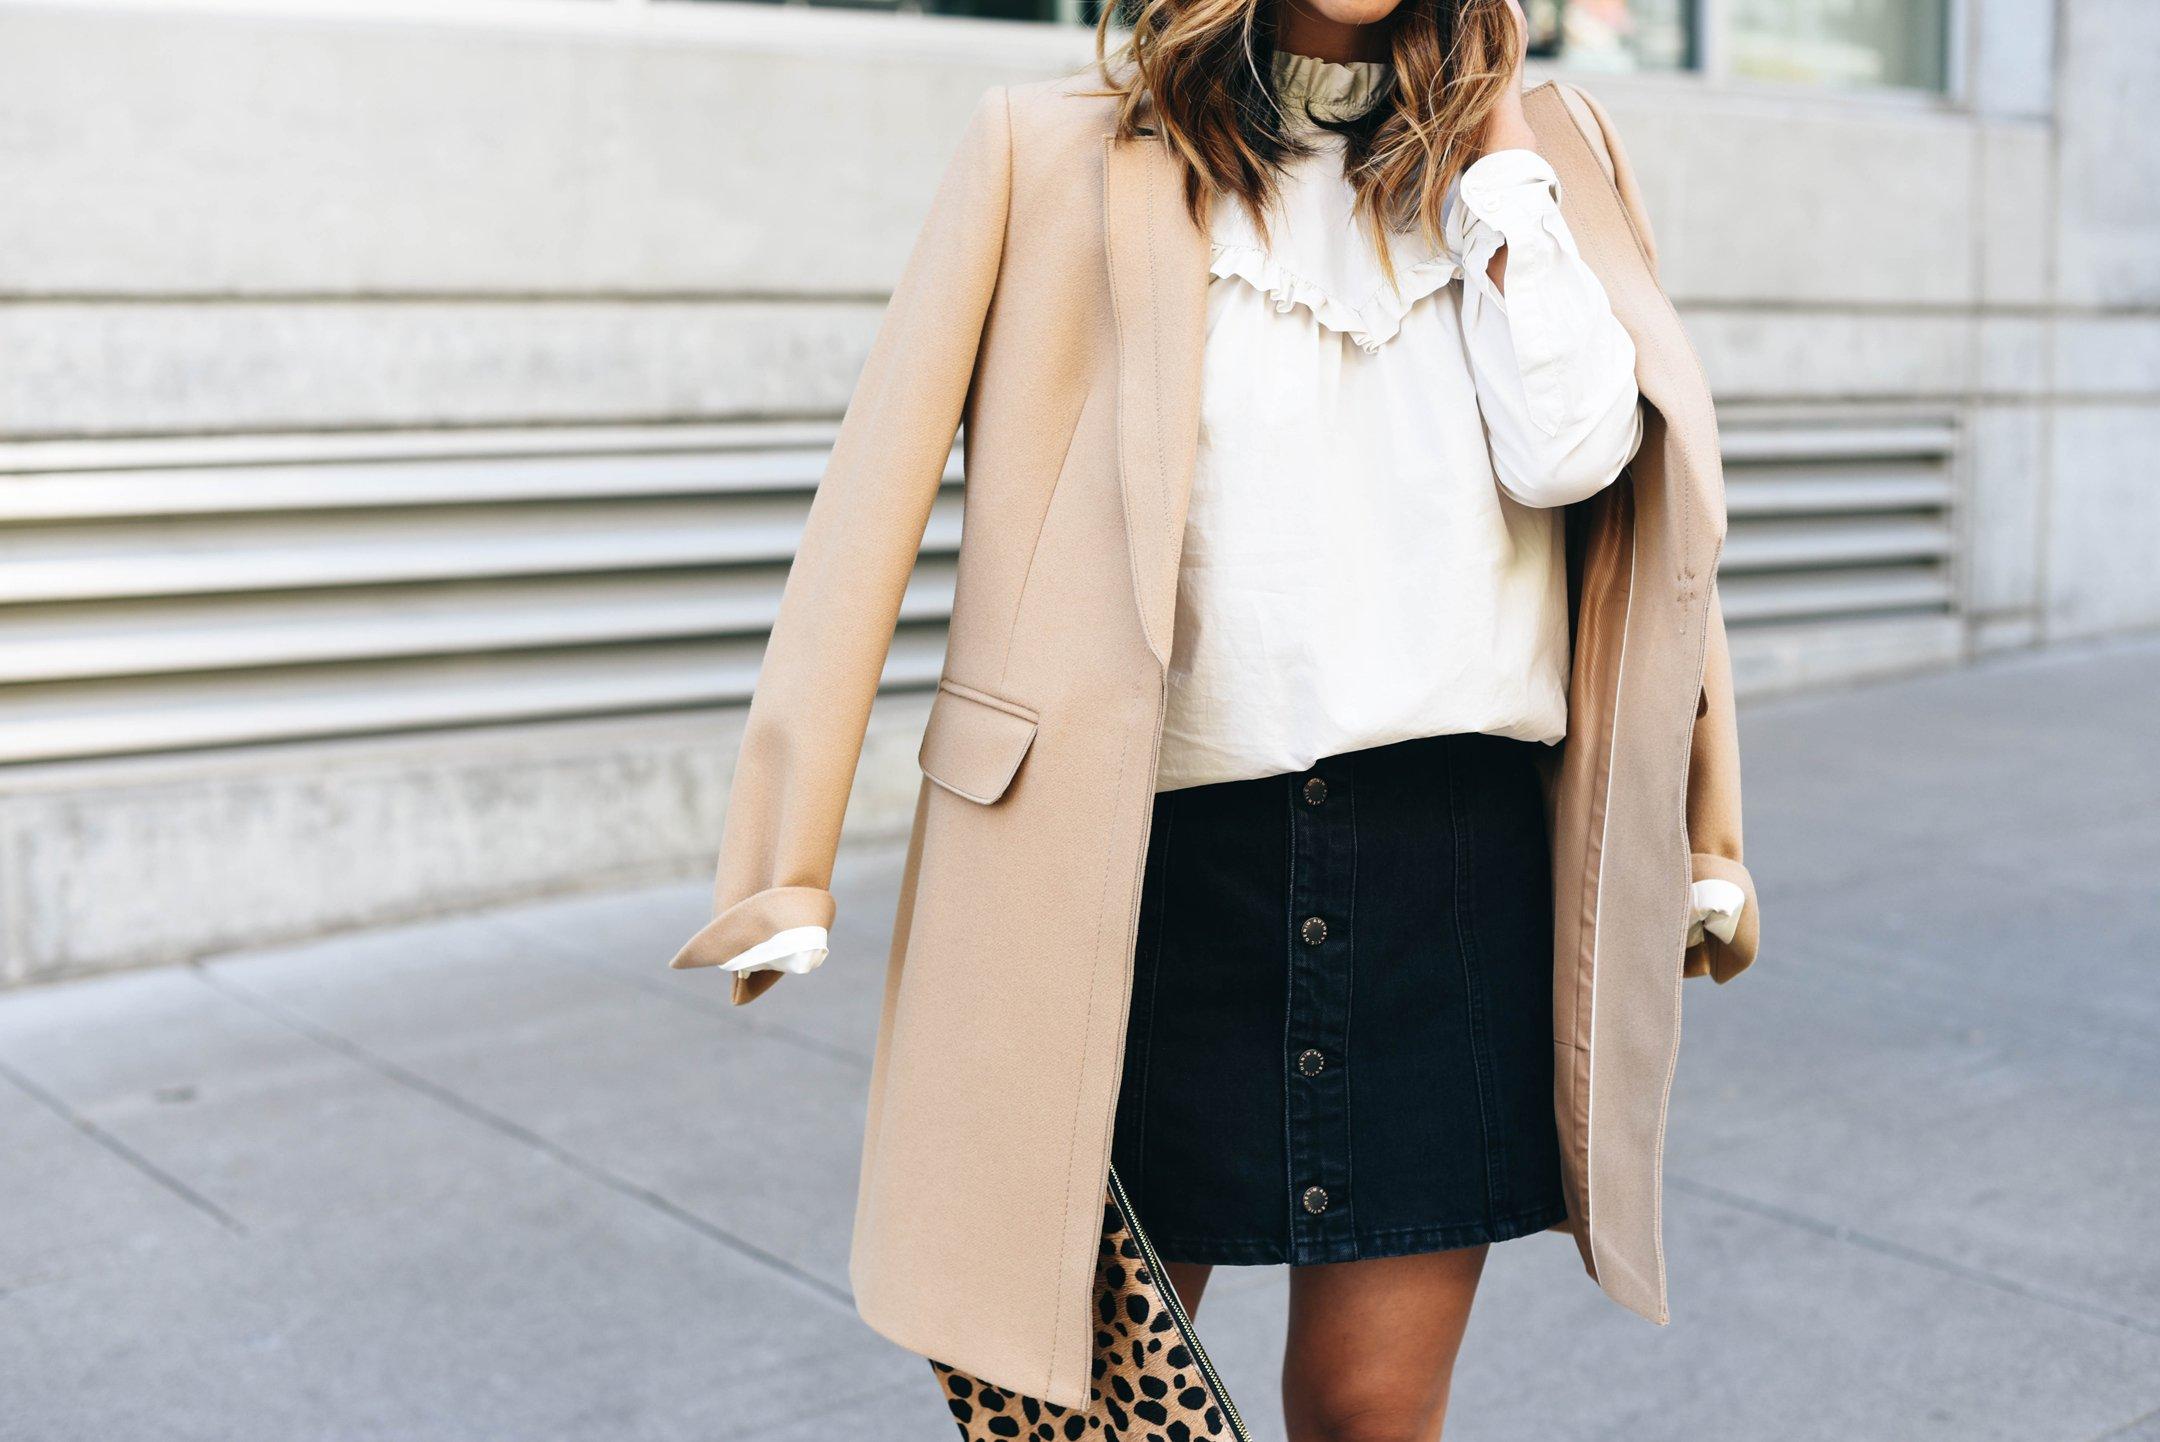 la-vie-rebecca-taylor-ruffle-cotton-poplin-blouse